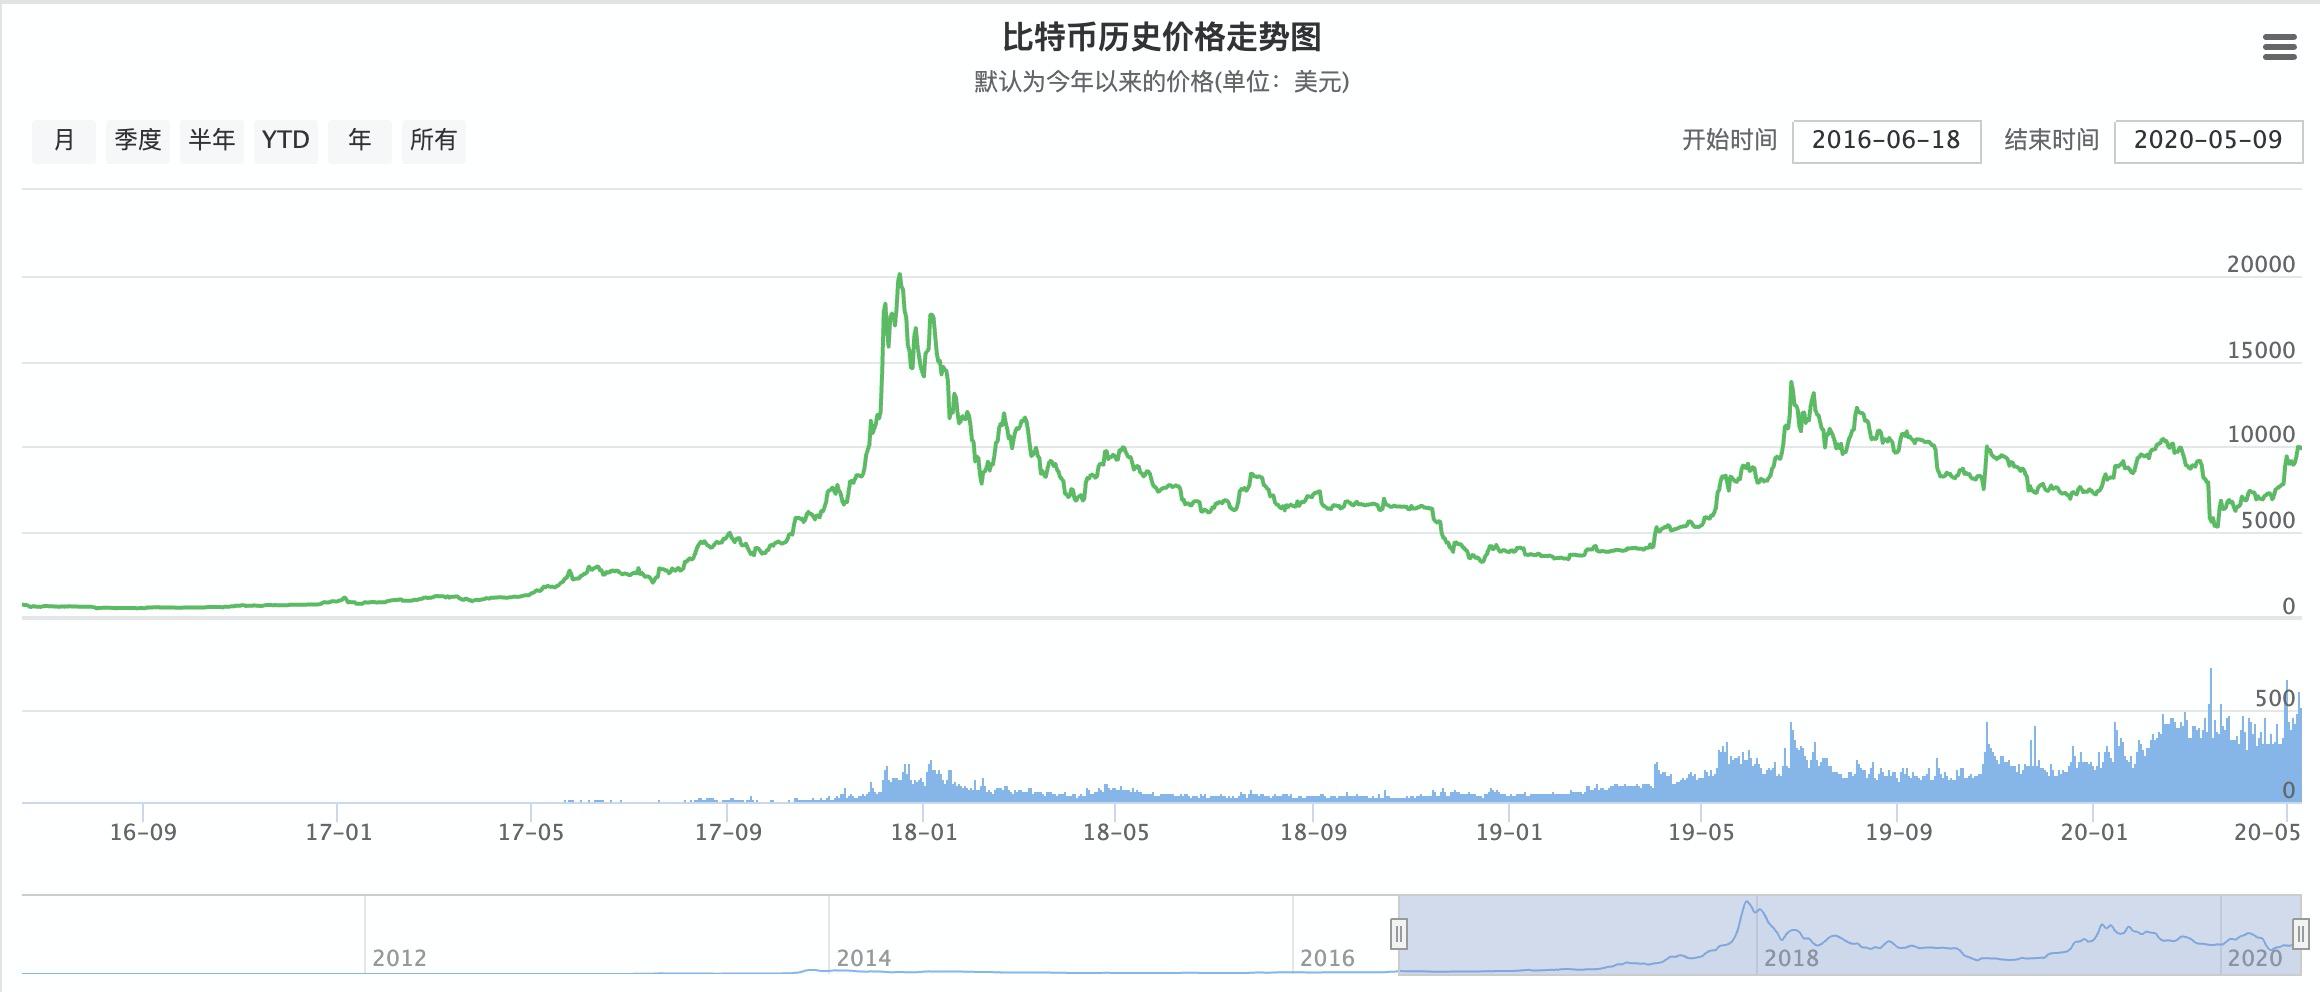 价格趋势图